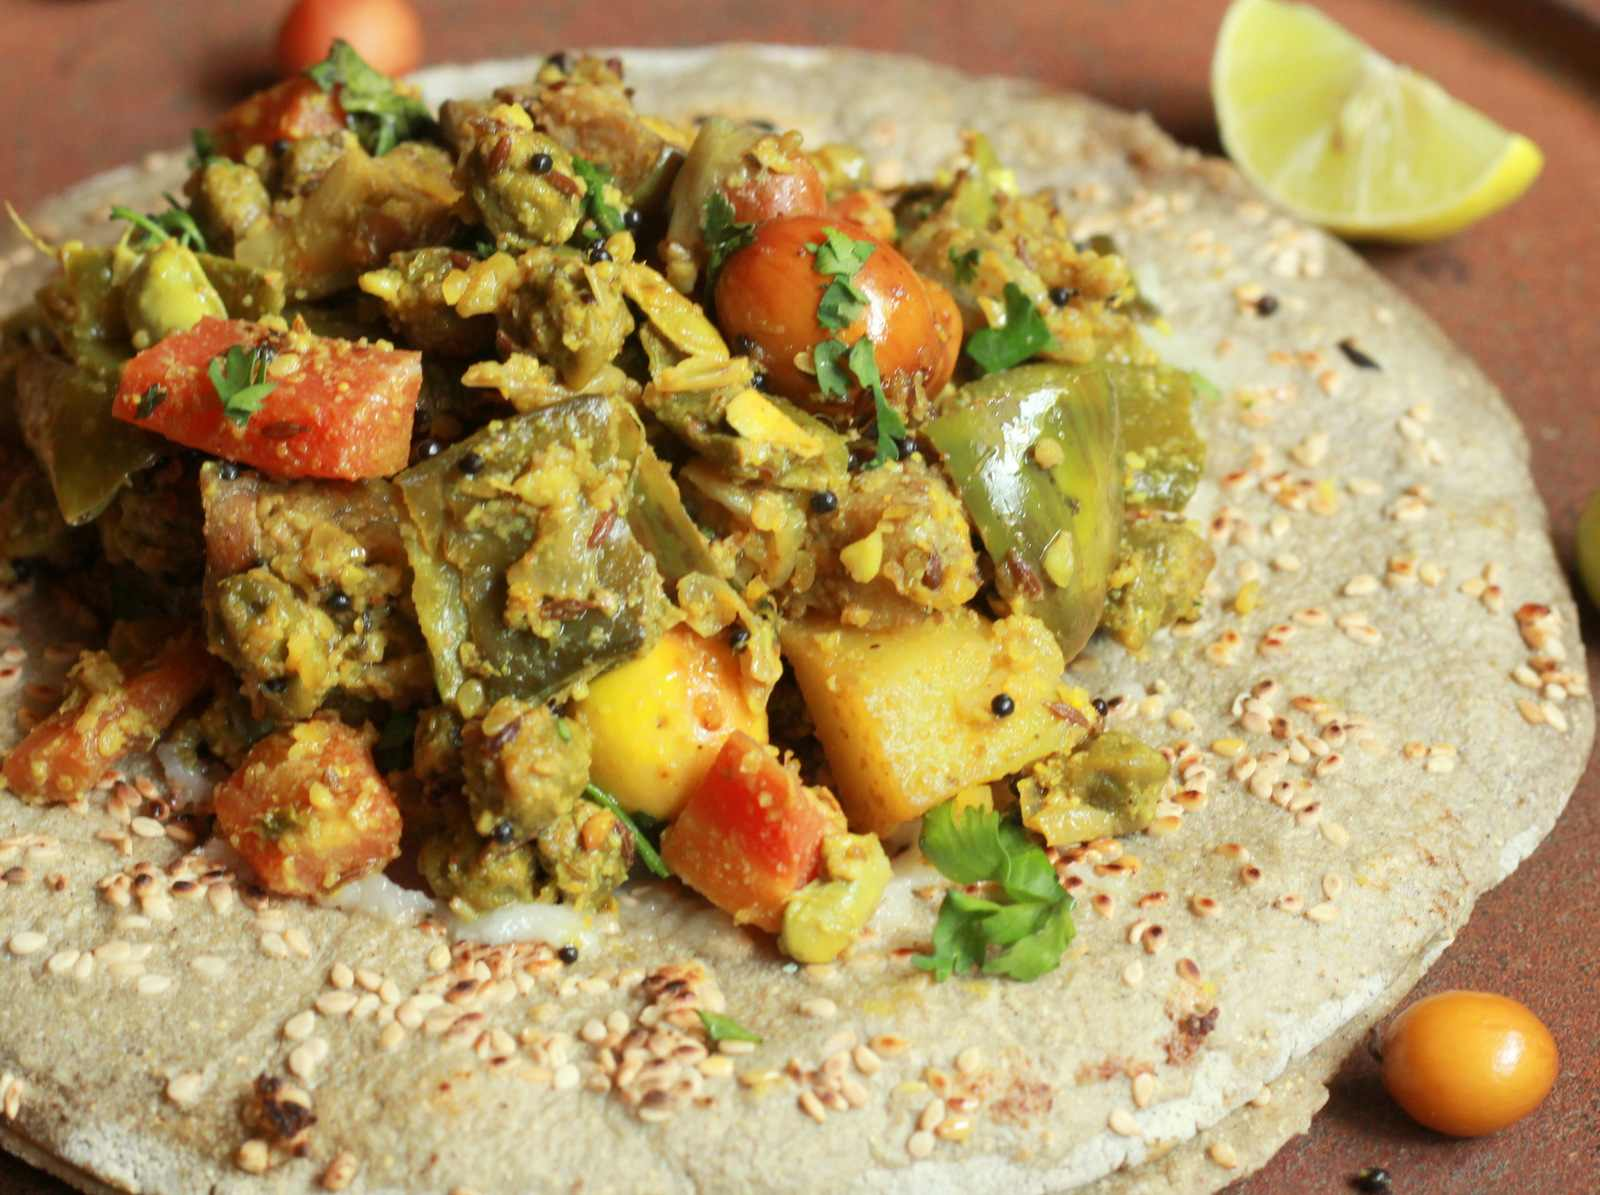 Bhogichi bhaji recipe maharashtrian mixed vegetable stir fry by bhogichi bhaji recipe maharashtrian mixed vegetable stir fry forumfinder Choice Image